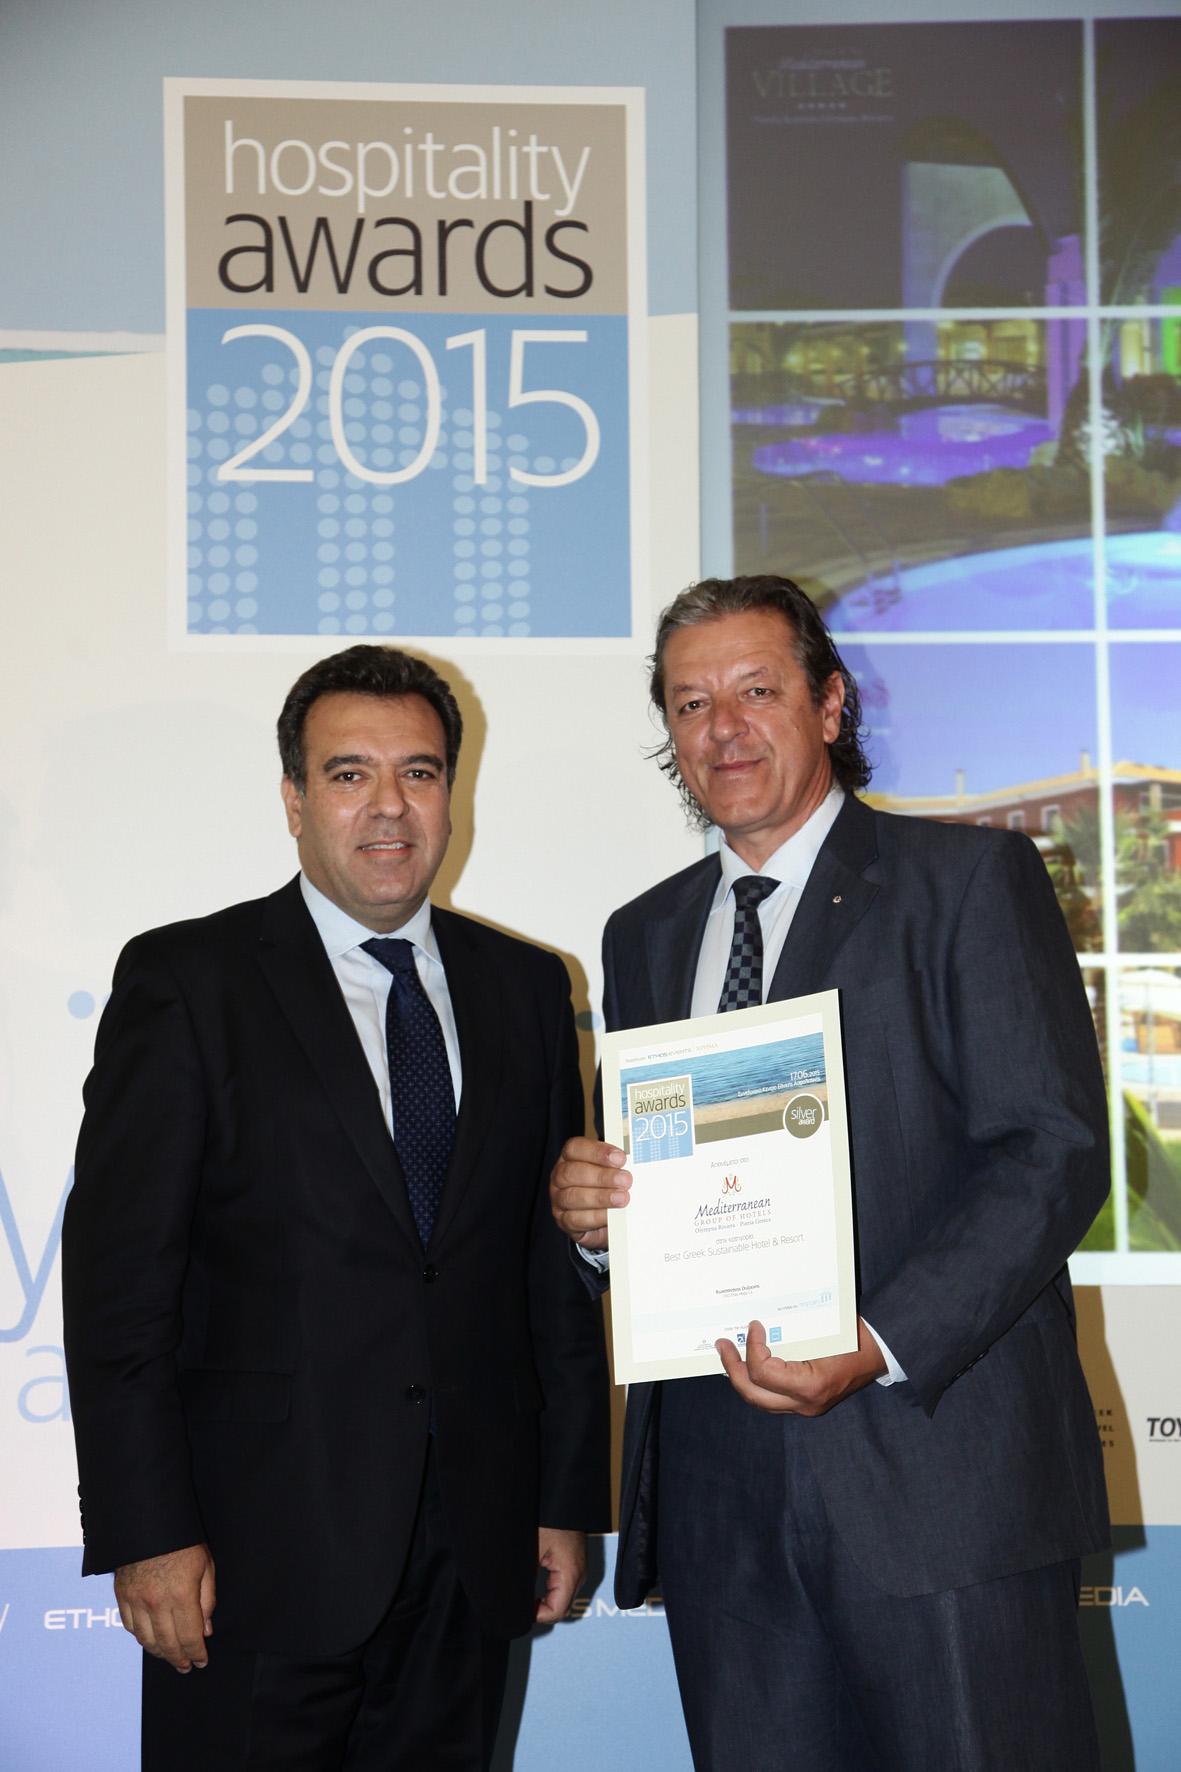 M. Κόνσολας και Βασίλης Λάμπρου (Πρόεδρο ΔΣ Ομίλου Group Mediterranean Hotels) στην απονομή του βραβείου Best Greek Sustainable Hotel & Resort.